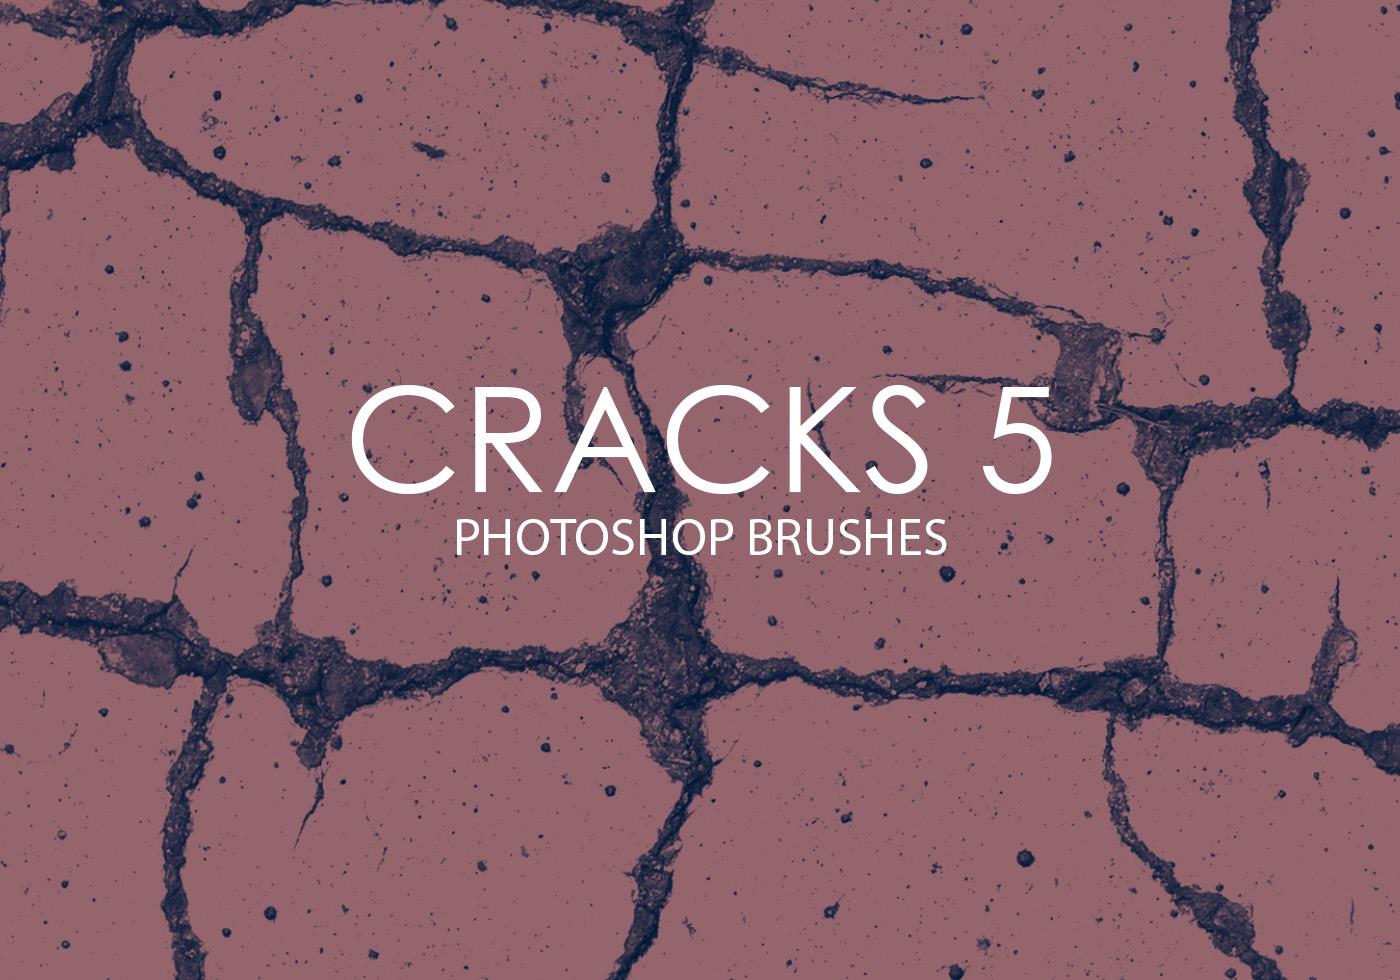 free cracks photoshop brushes 5